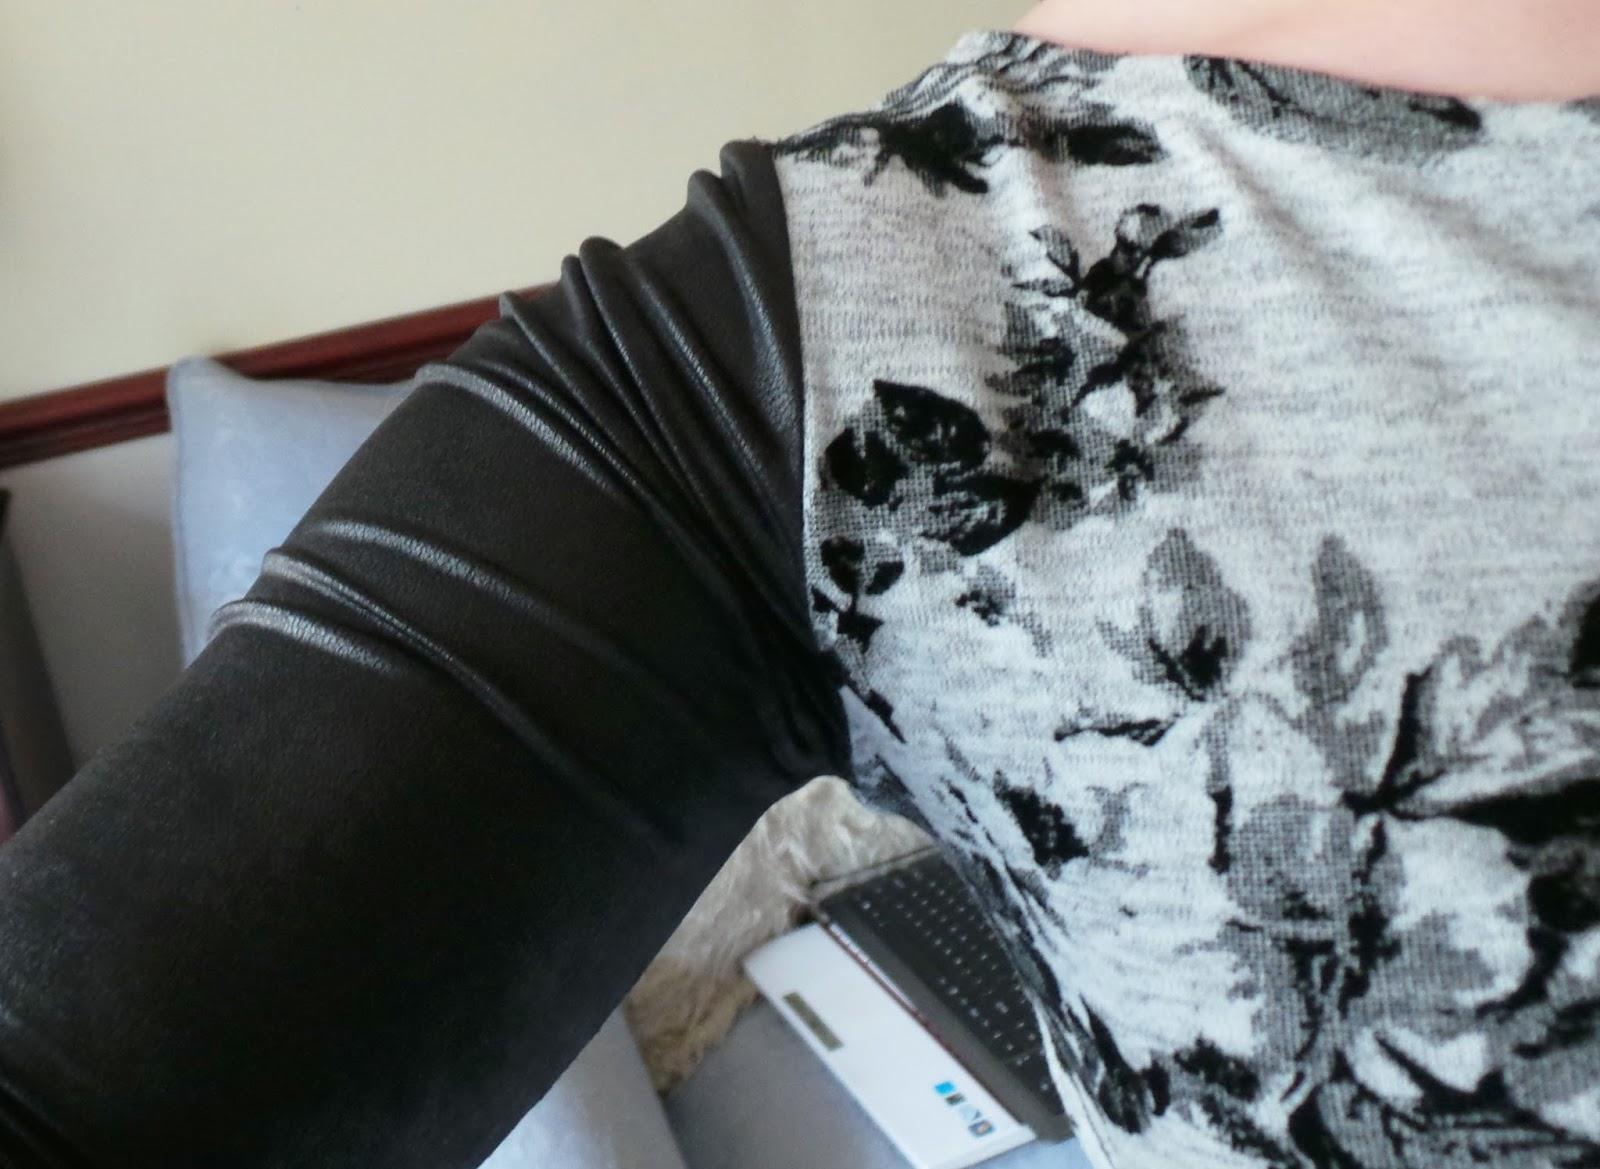 OOTD Blog Post, Fashion - Floral Skater Dress, Primark Dress, Primark £5 Dress, Leather Look Sleeves